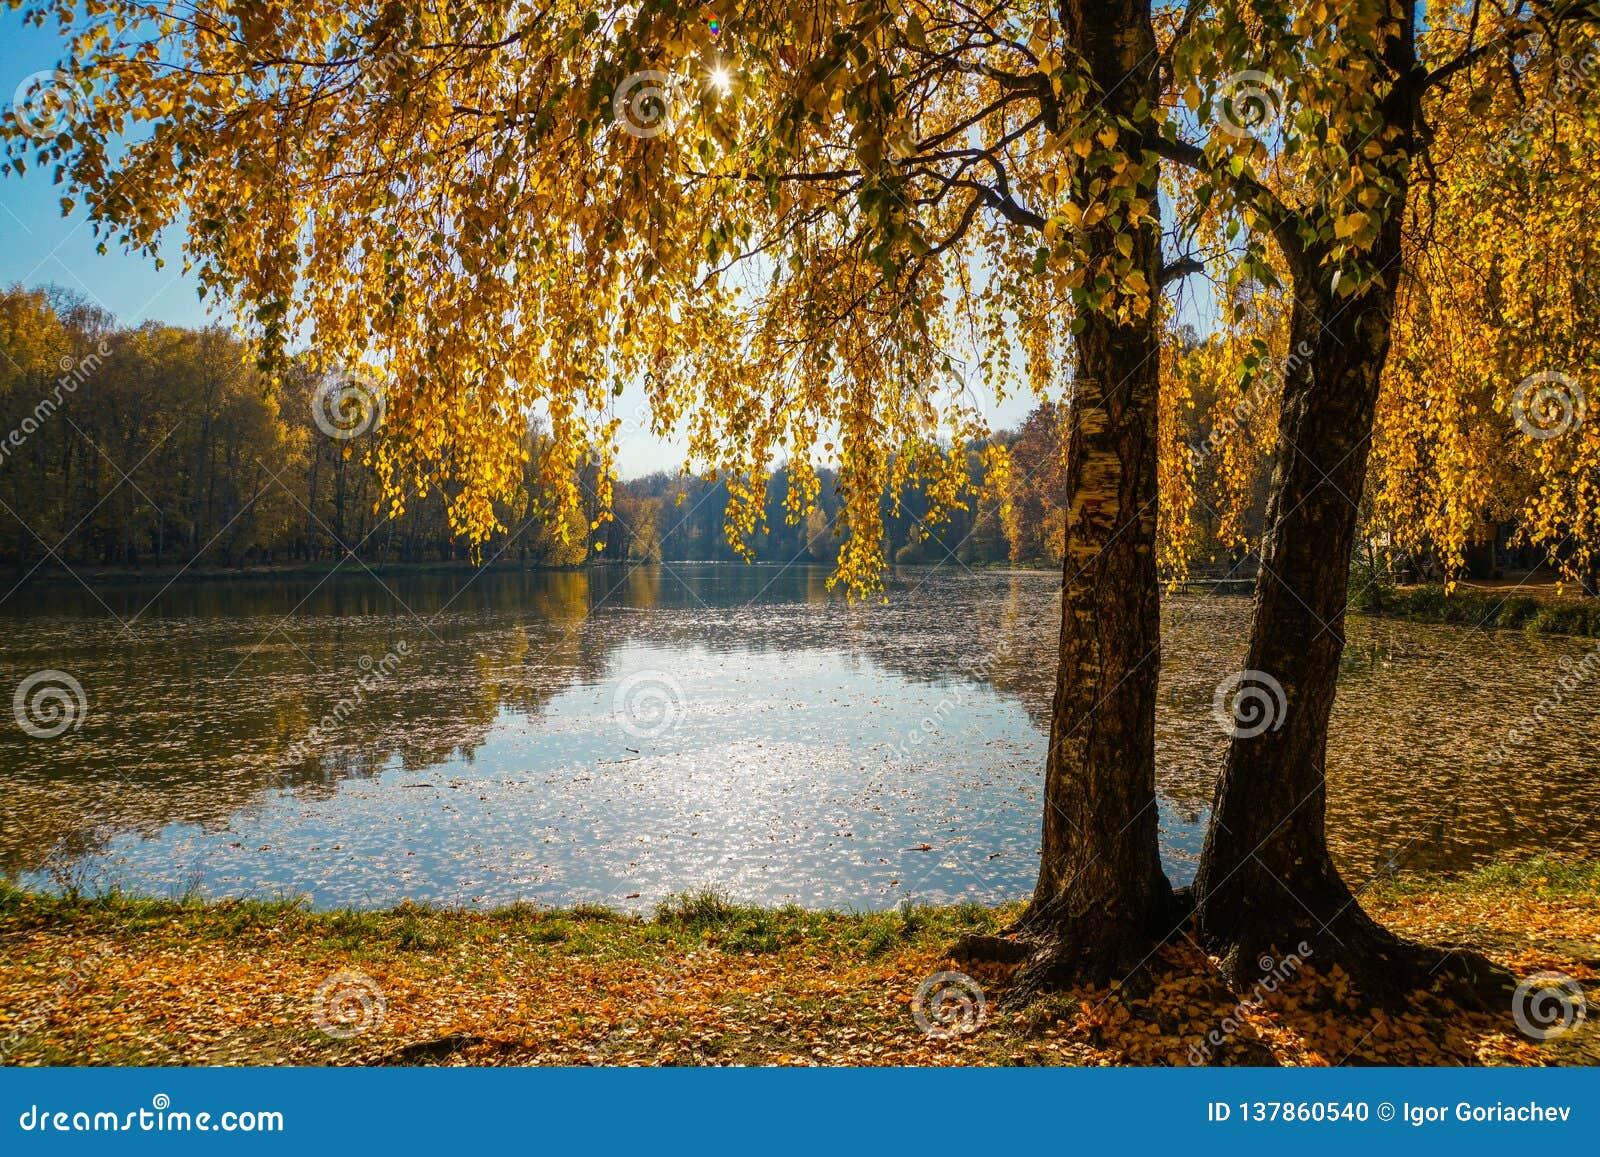 Il fogliame dorato dei giri rapidi delle betulle nell acqua blu dello stagno